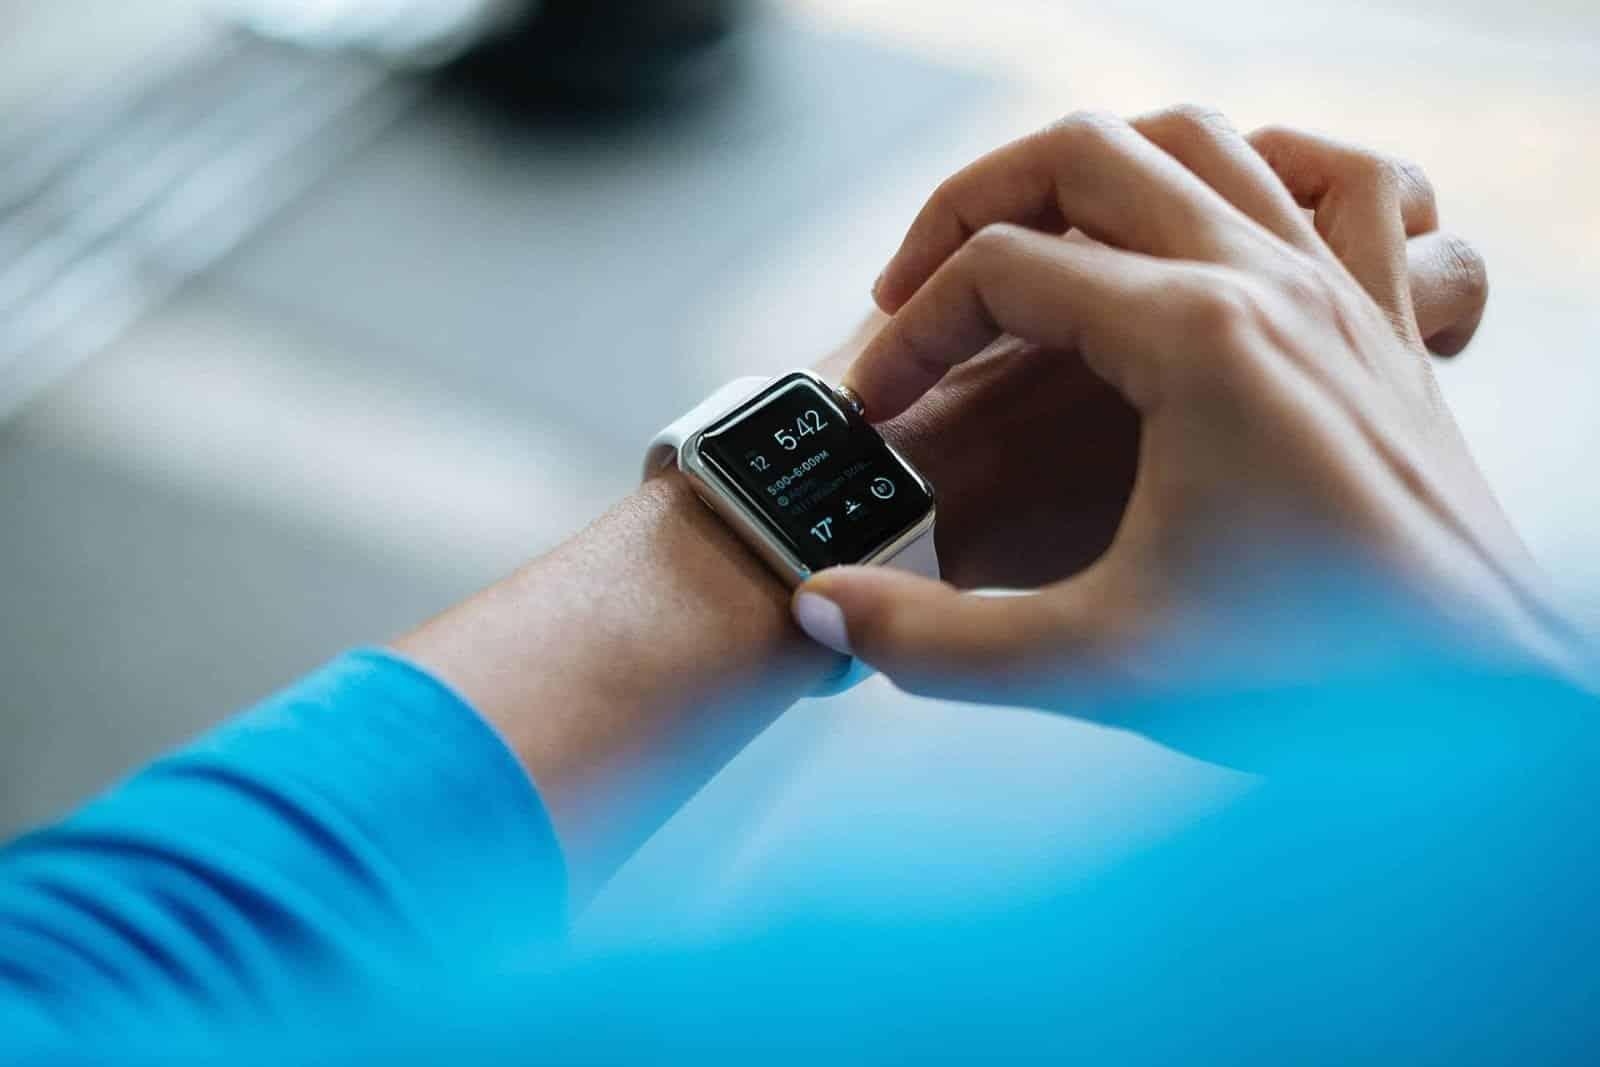 أفضل الساعات الذكية الرخيصة: خيارات رائعة لجميع الميزانيات